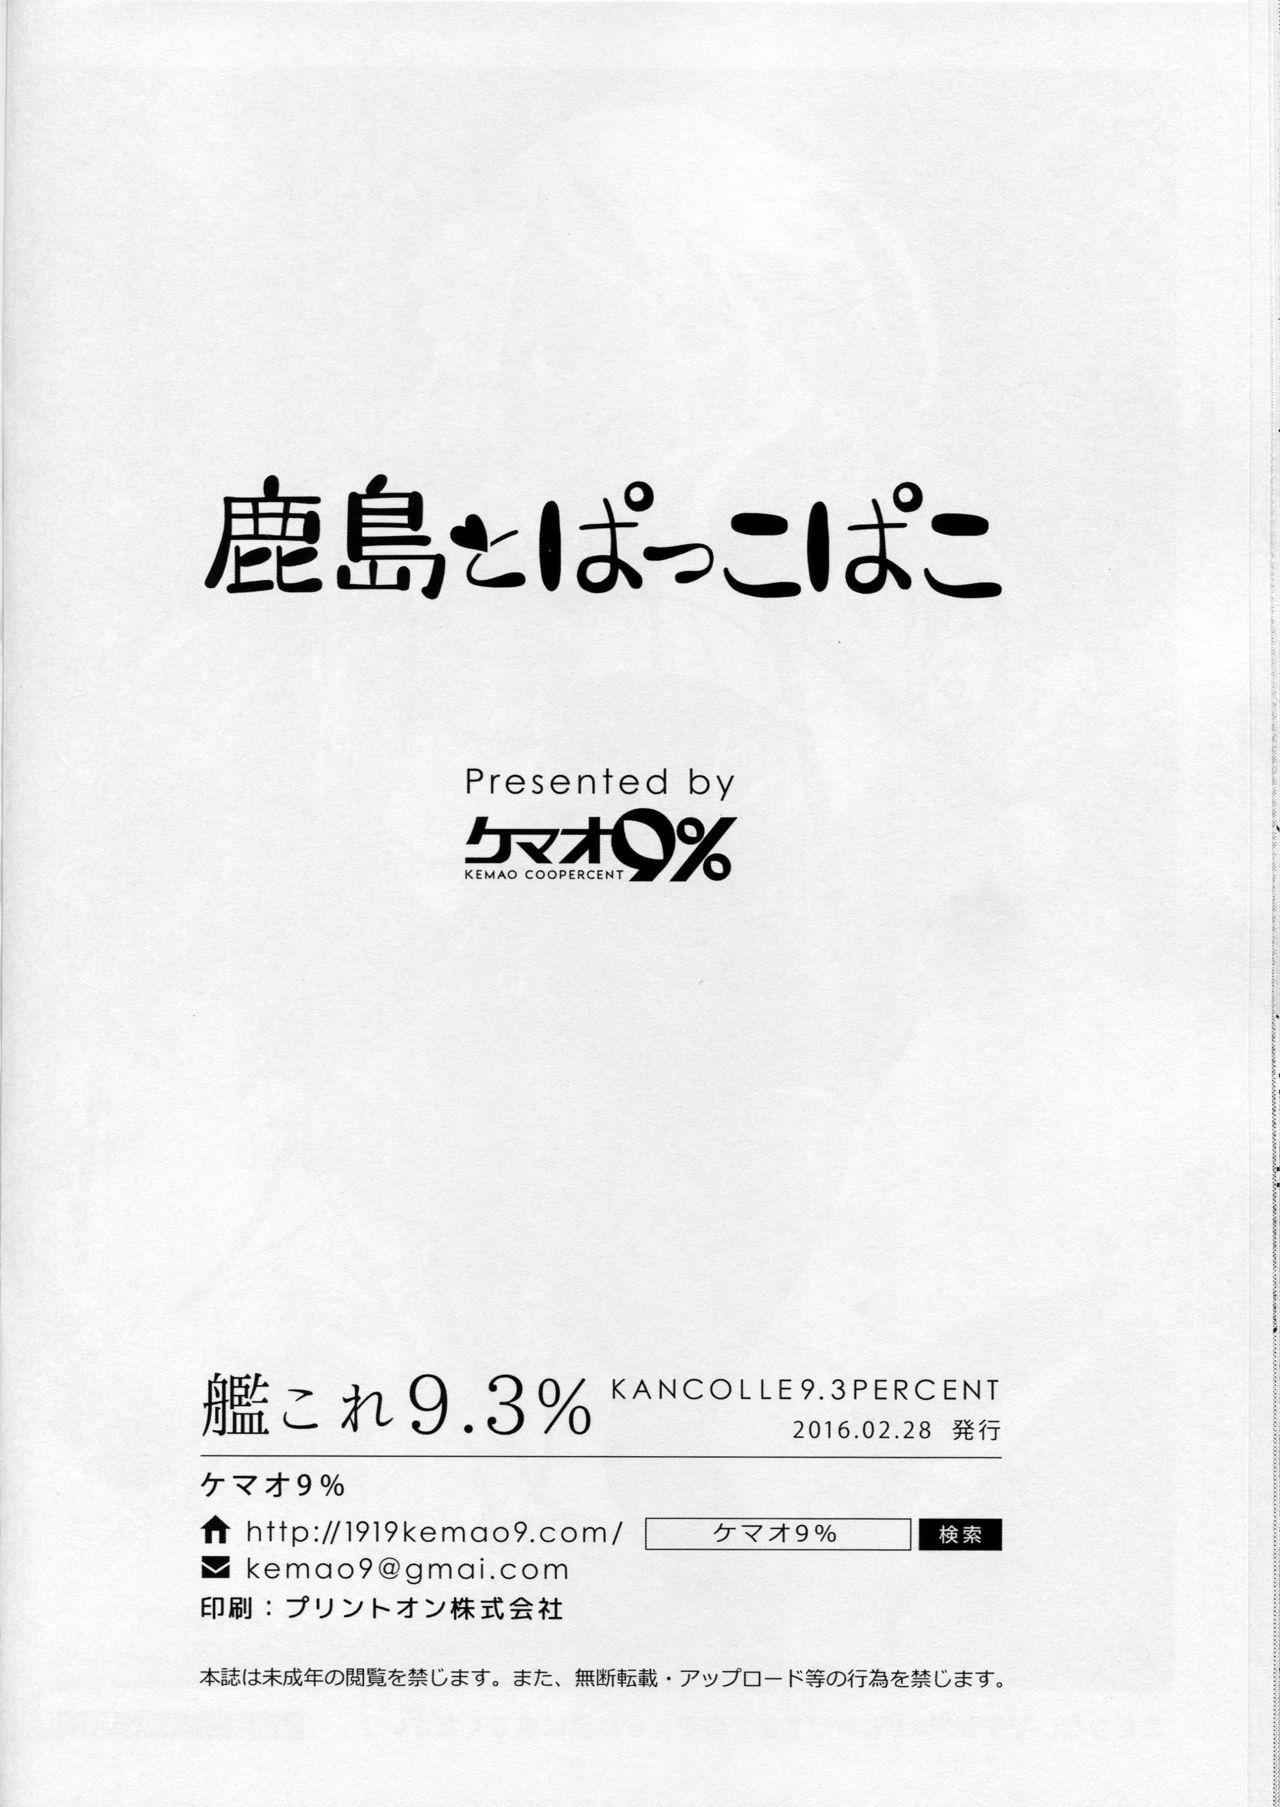 Kashima to Pakko-pako 24